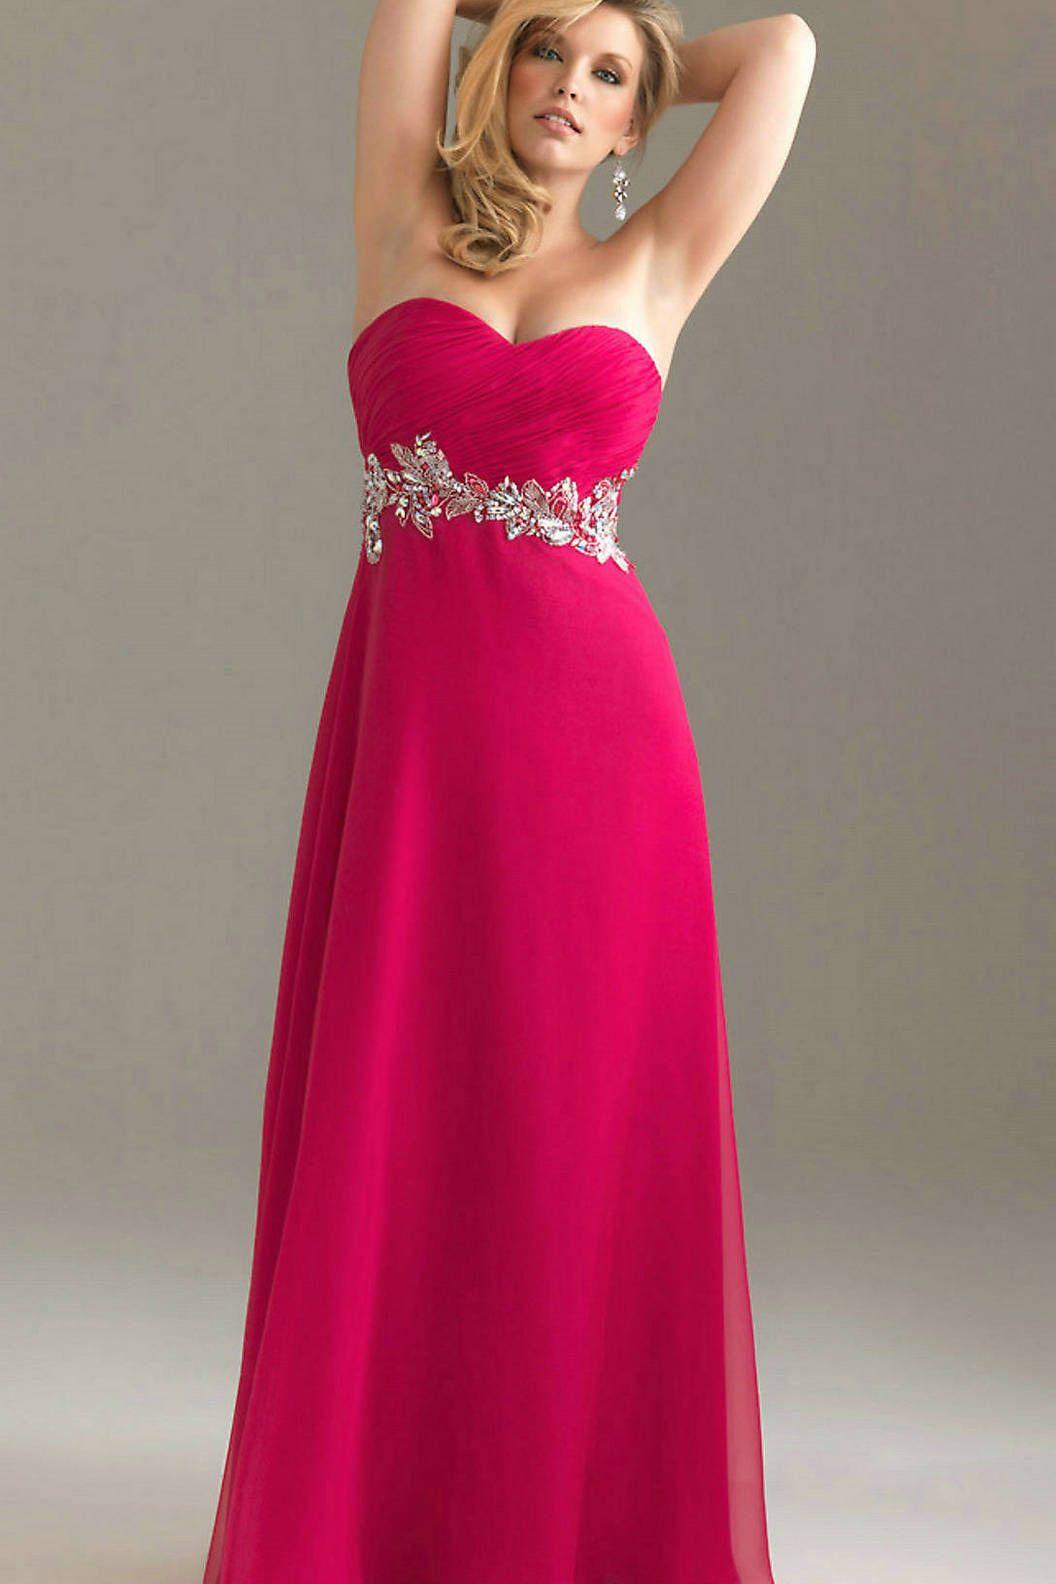 Plus size dresses plus size u curvy pinterest